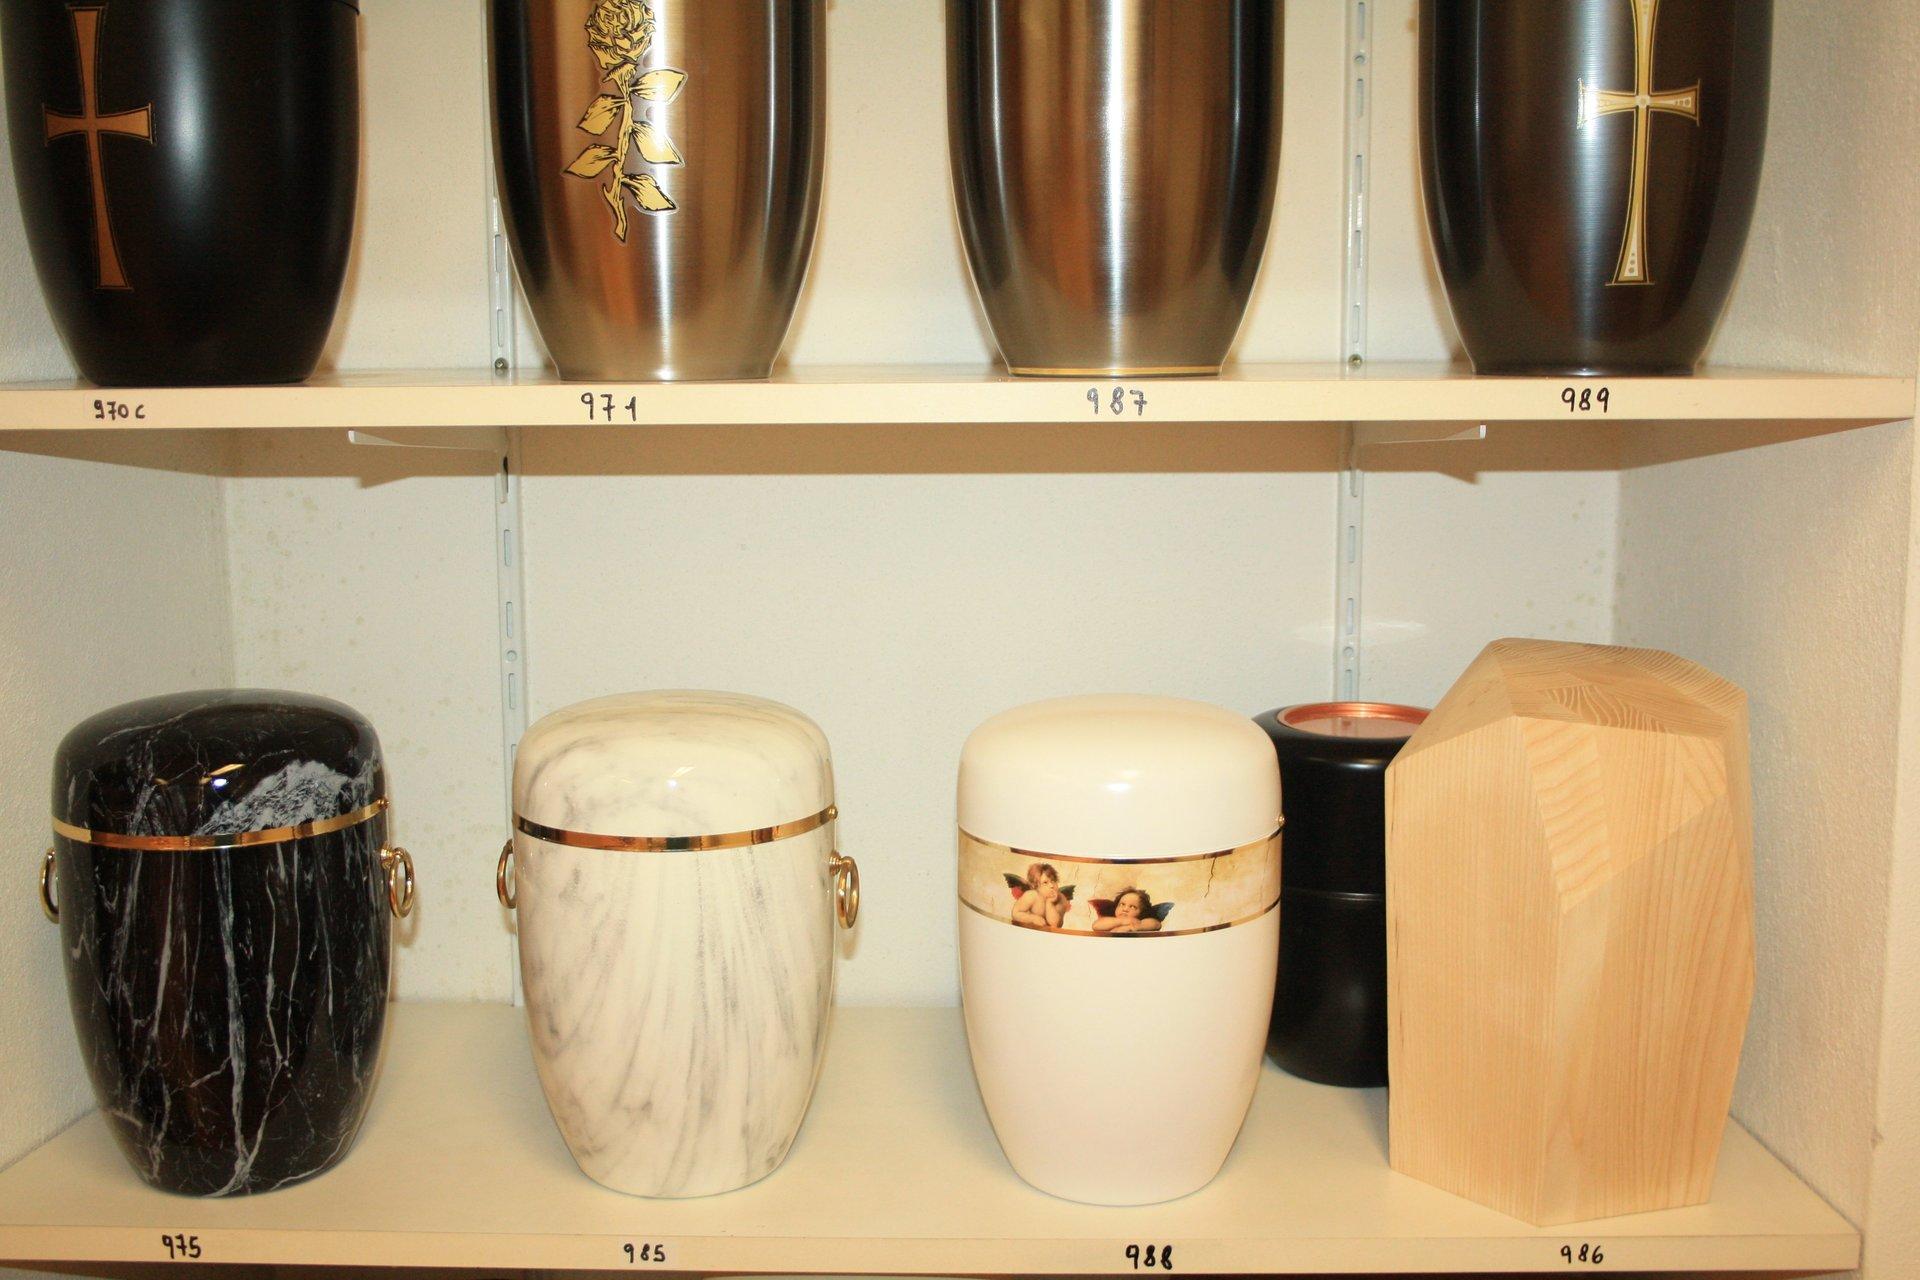 esposizione di urne funerarie in stili diversi